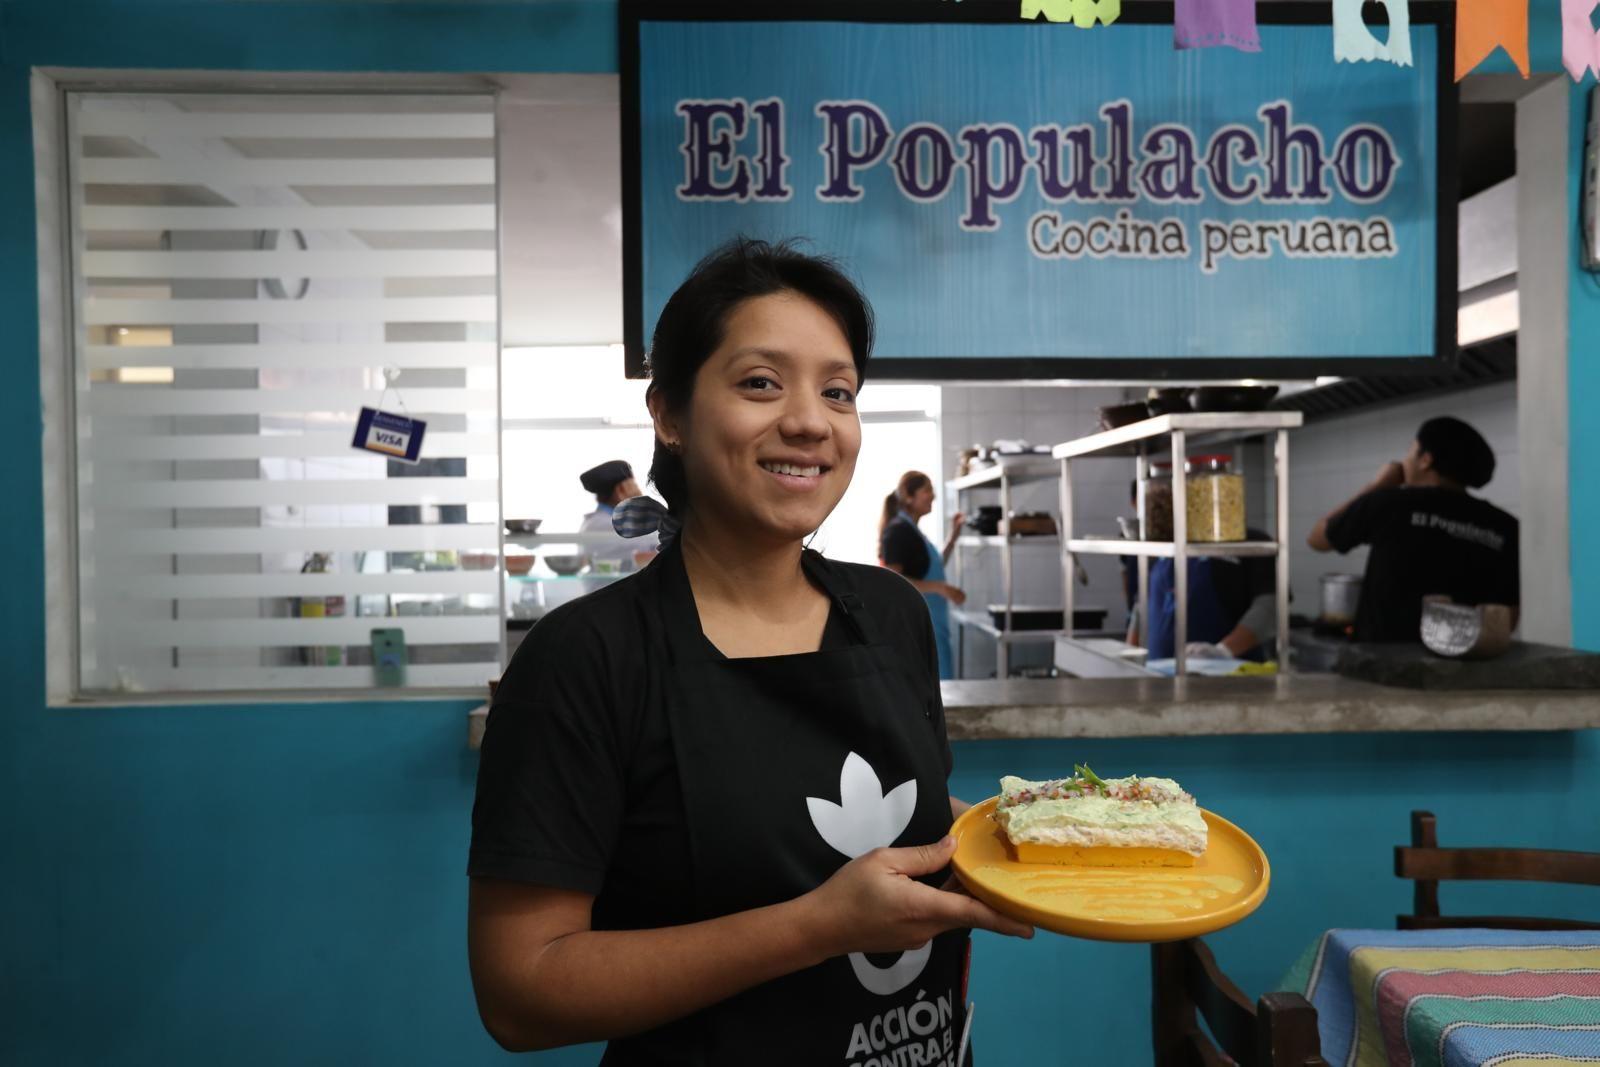 Betsi Albornoz, la chef peruana que sufrió de anemia y hoy busca descentralizar la gastronomía